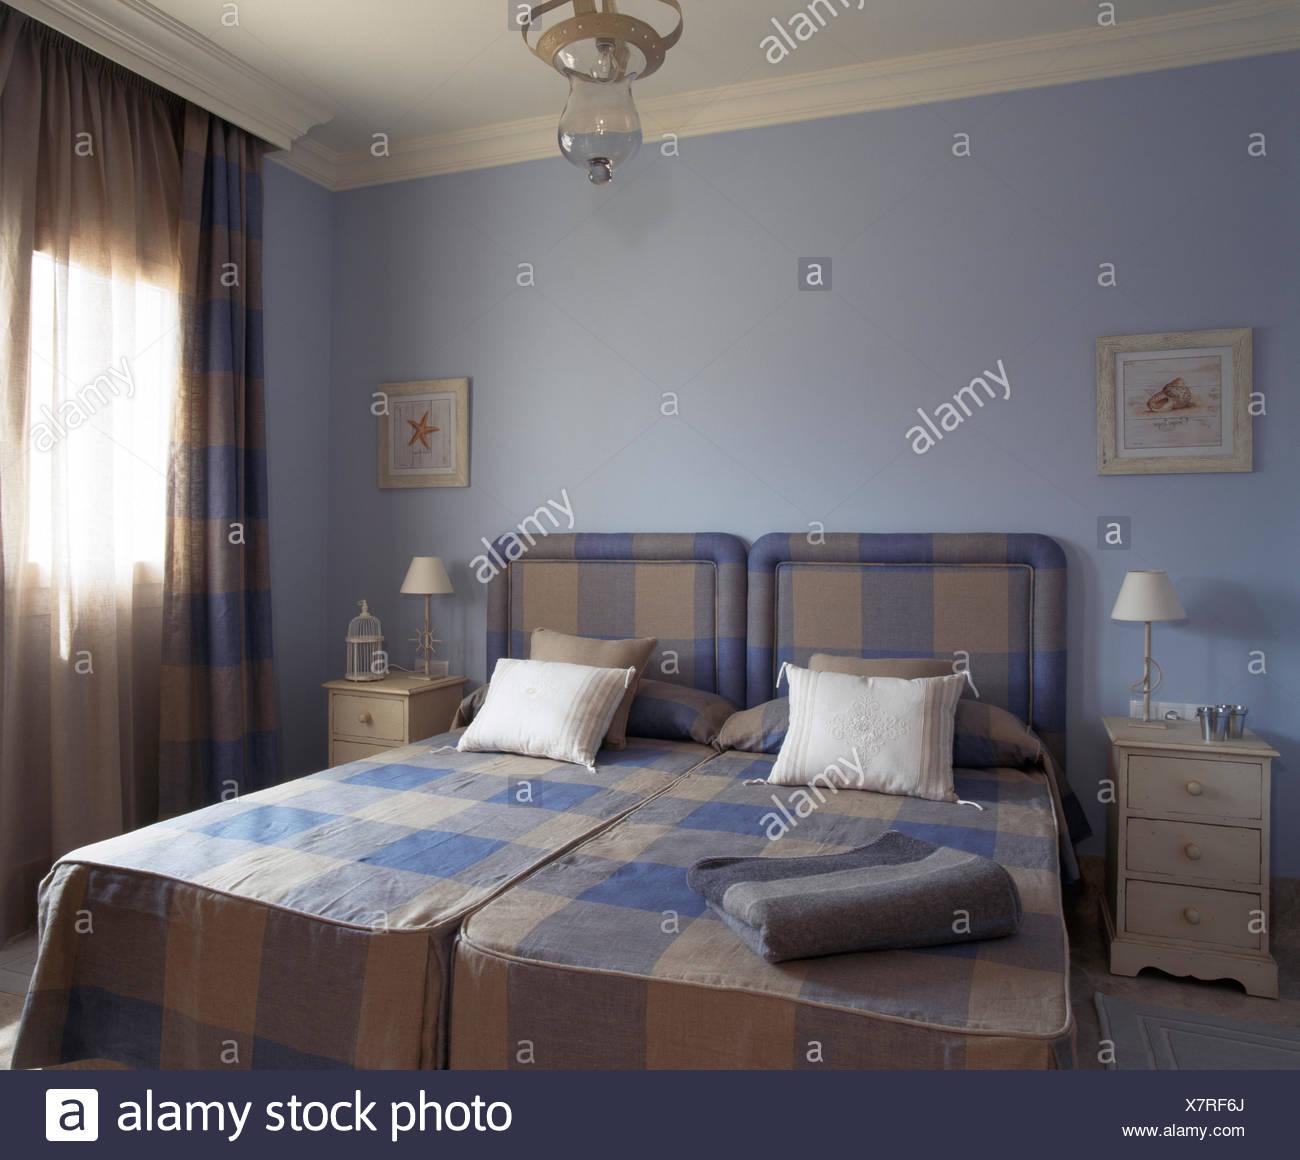 Blue+beige controllato copriletto e testate del letto a due letti ...